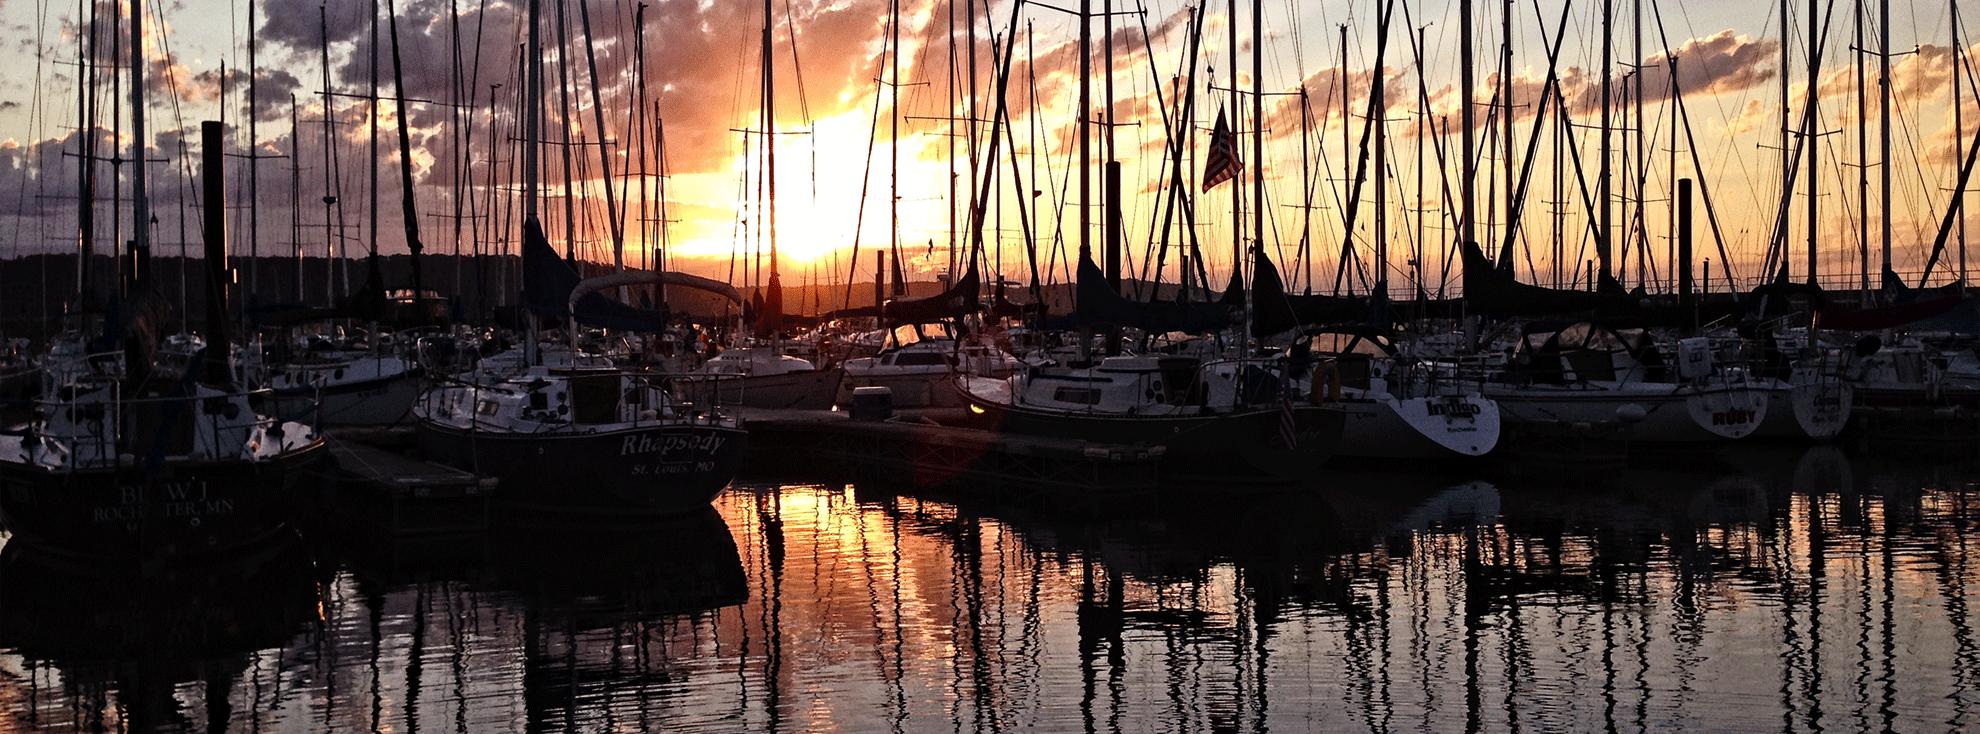 Lake City Marina Sunrise